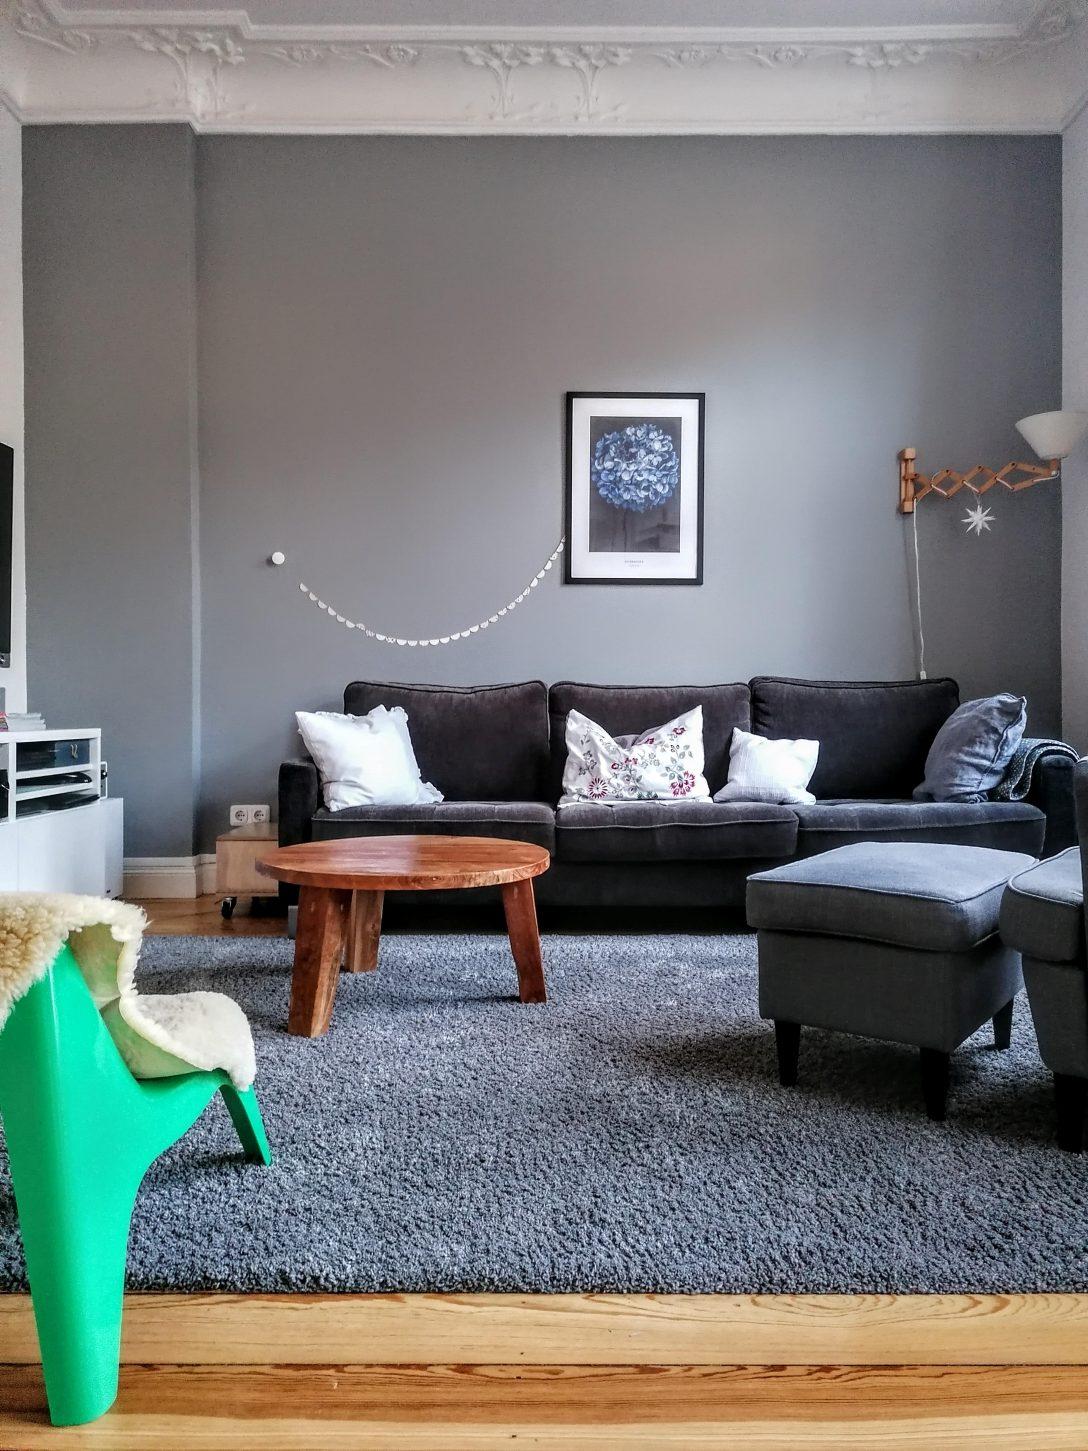 Large Size of Wohnzimmer Ideen Grau Graue Wand Bilder Couch Liege Graues Sofa Sessel Modern Küche Hochglanz Deckenleuchte Landhausstil Teppich Esstisch Deko Großes Bild Wohnzimmer Wohnzimmer Ideen Grau